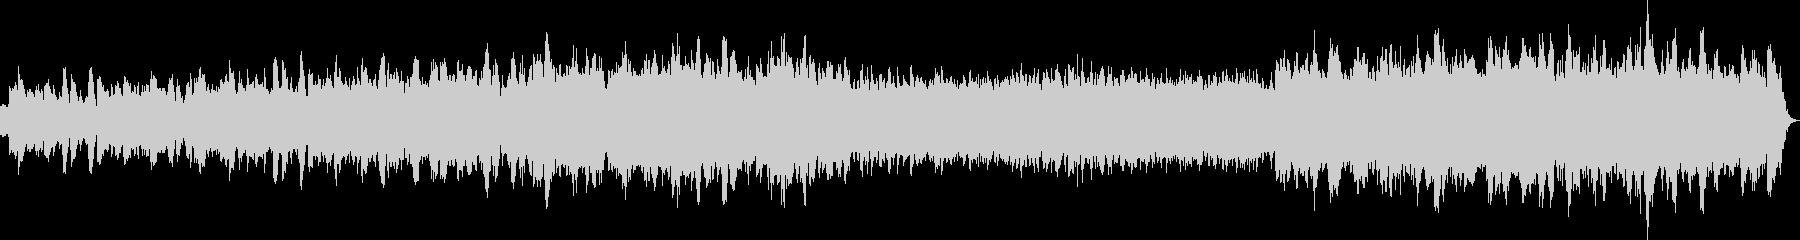 幻想的でバロック調のハープシコードの曲の未再生の波形